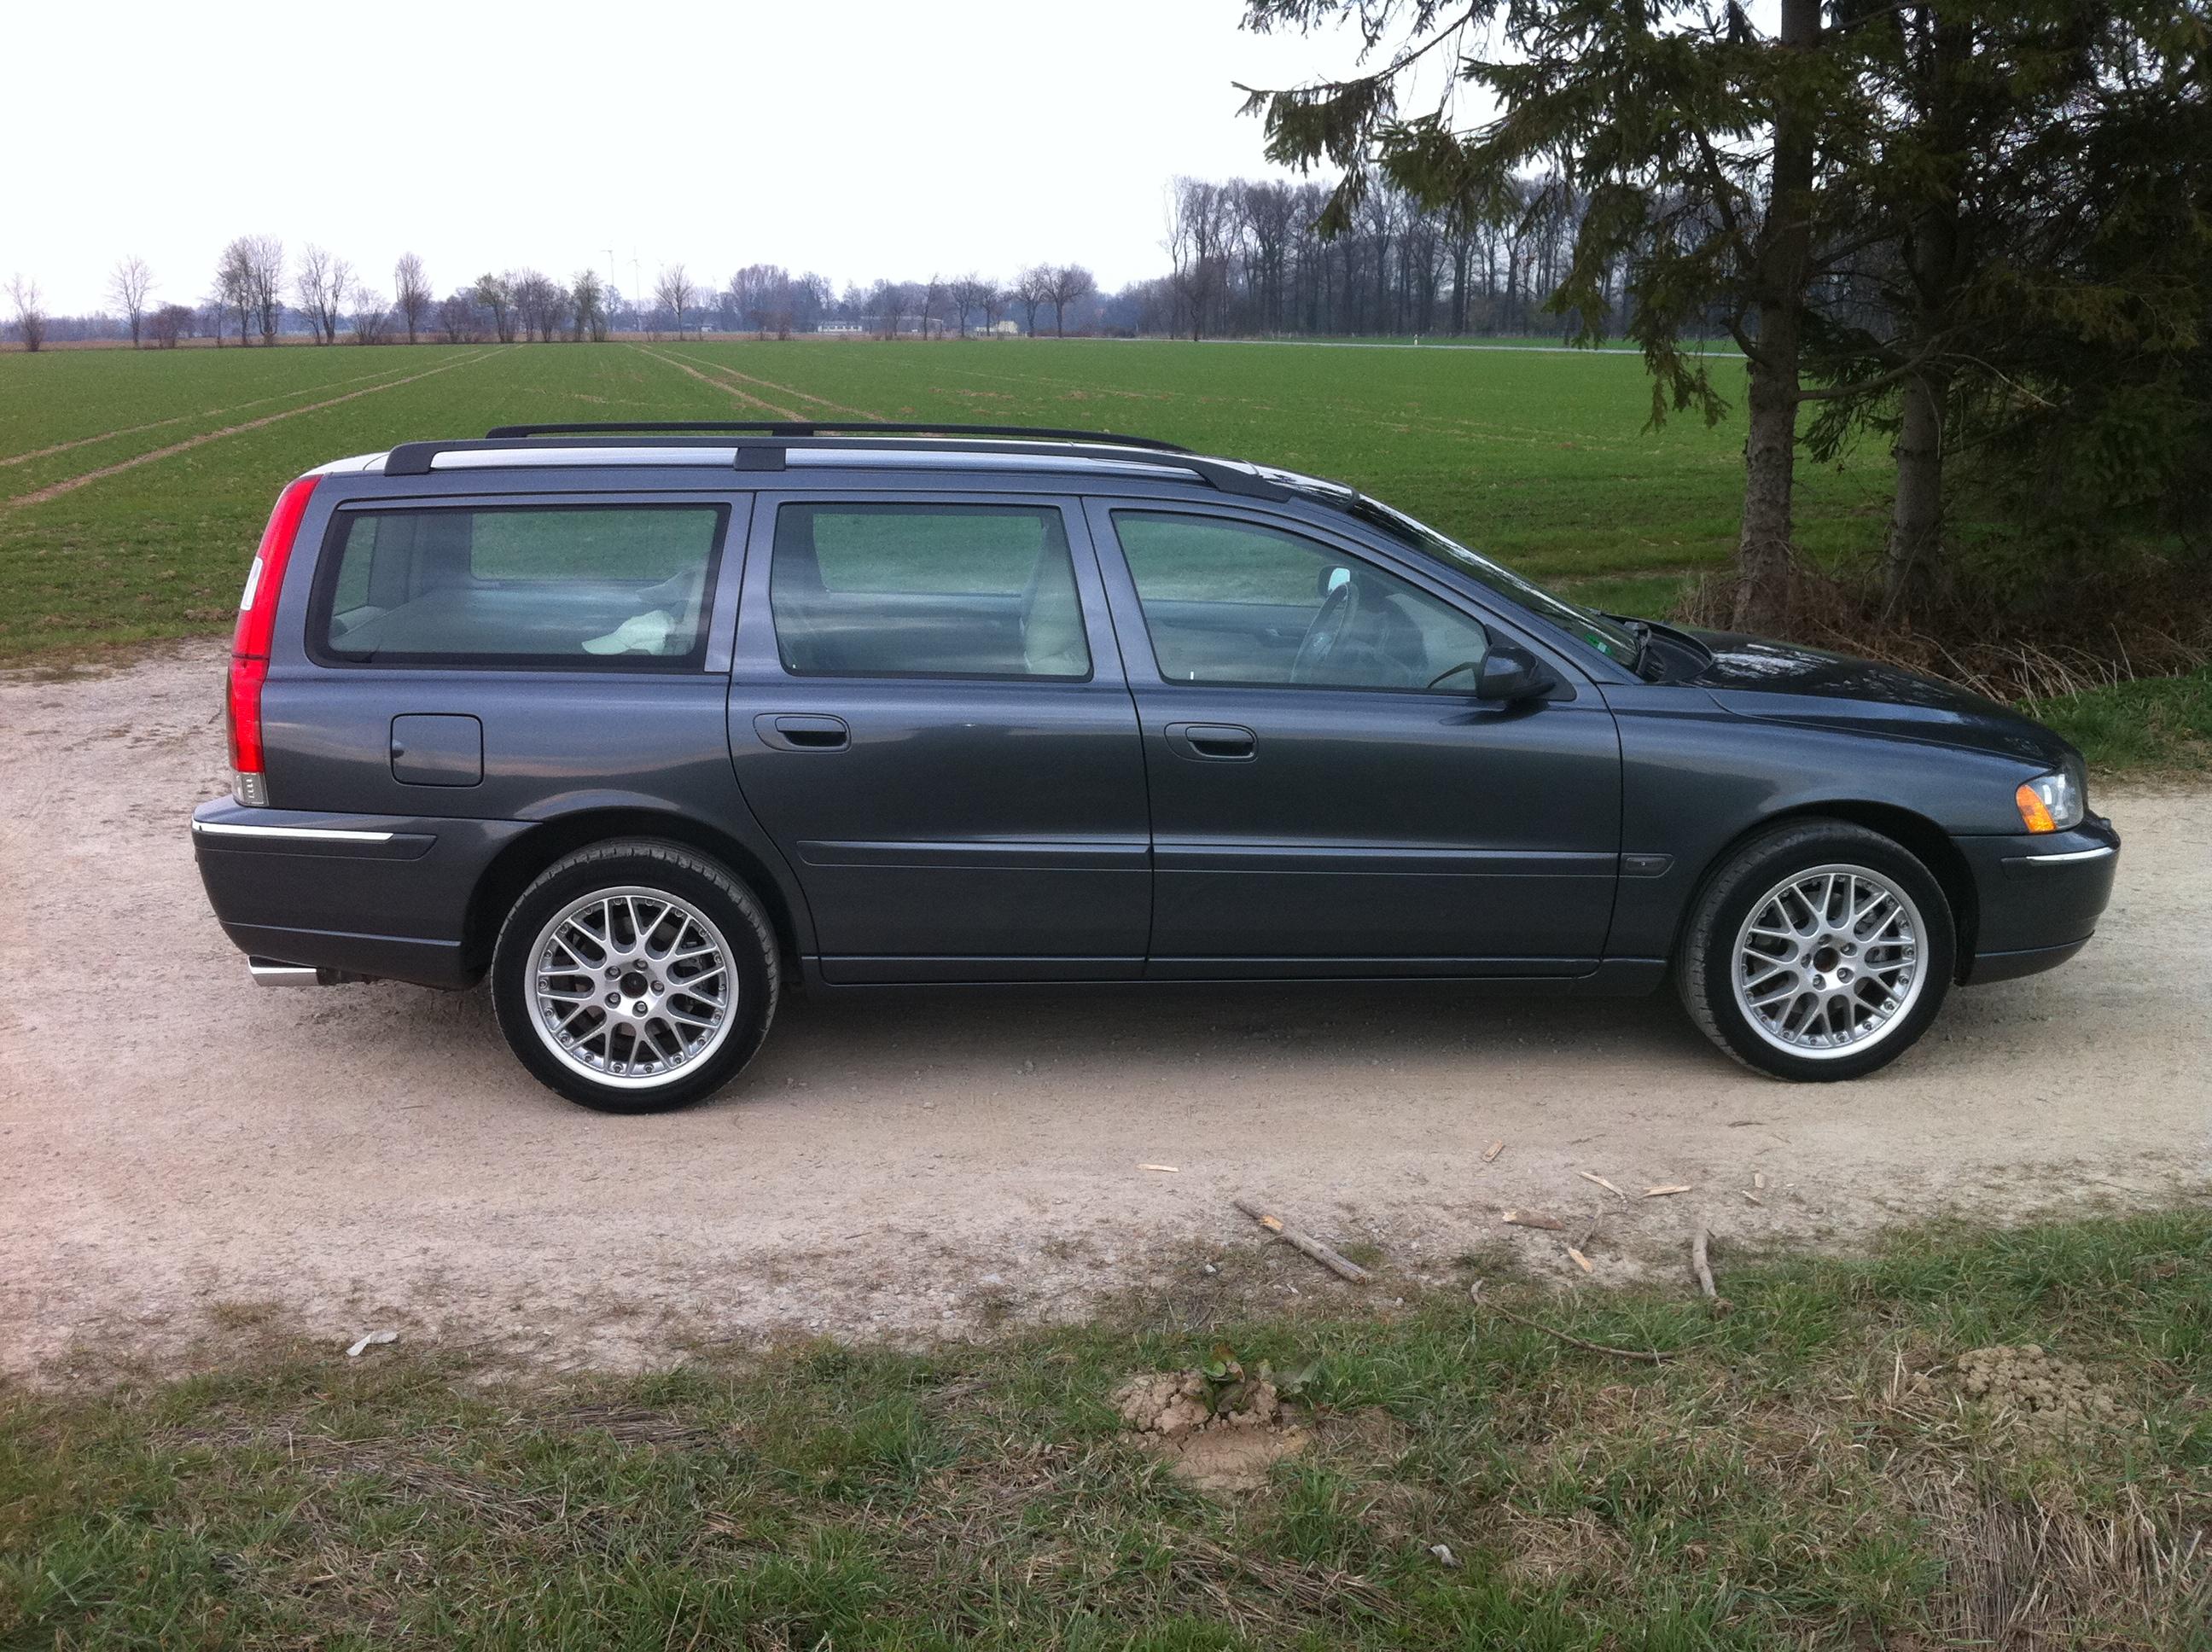 Blog eintrag neue felgen zur saison 2011 zum auto volvo v70 2 5 t gt awd pagenstecher de